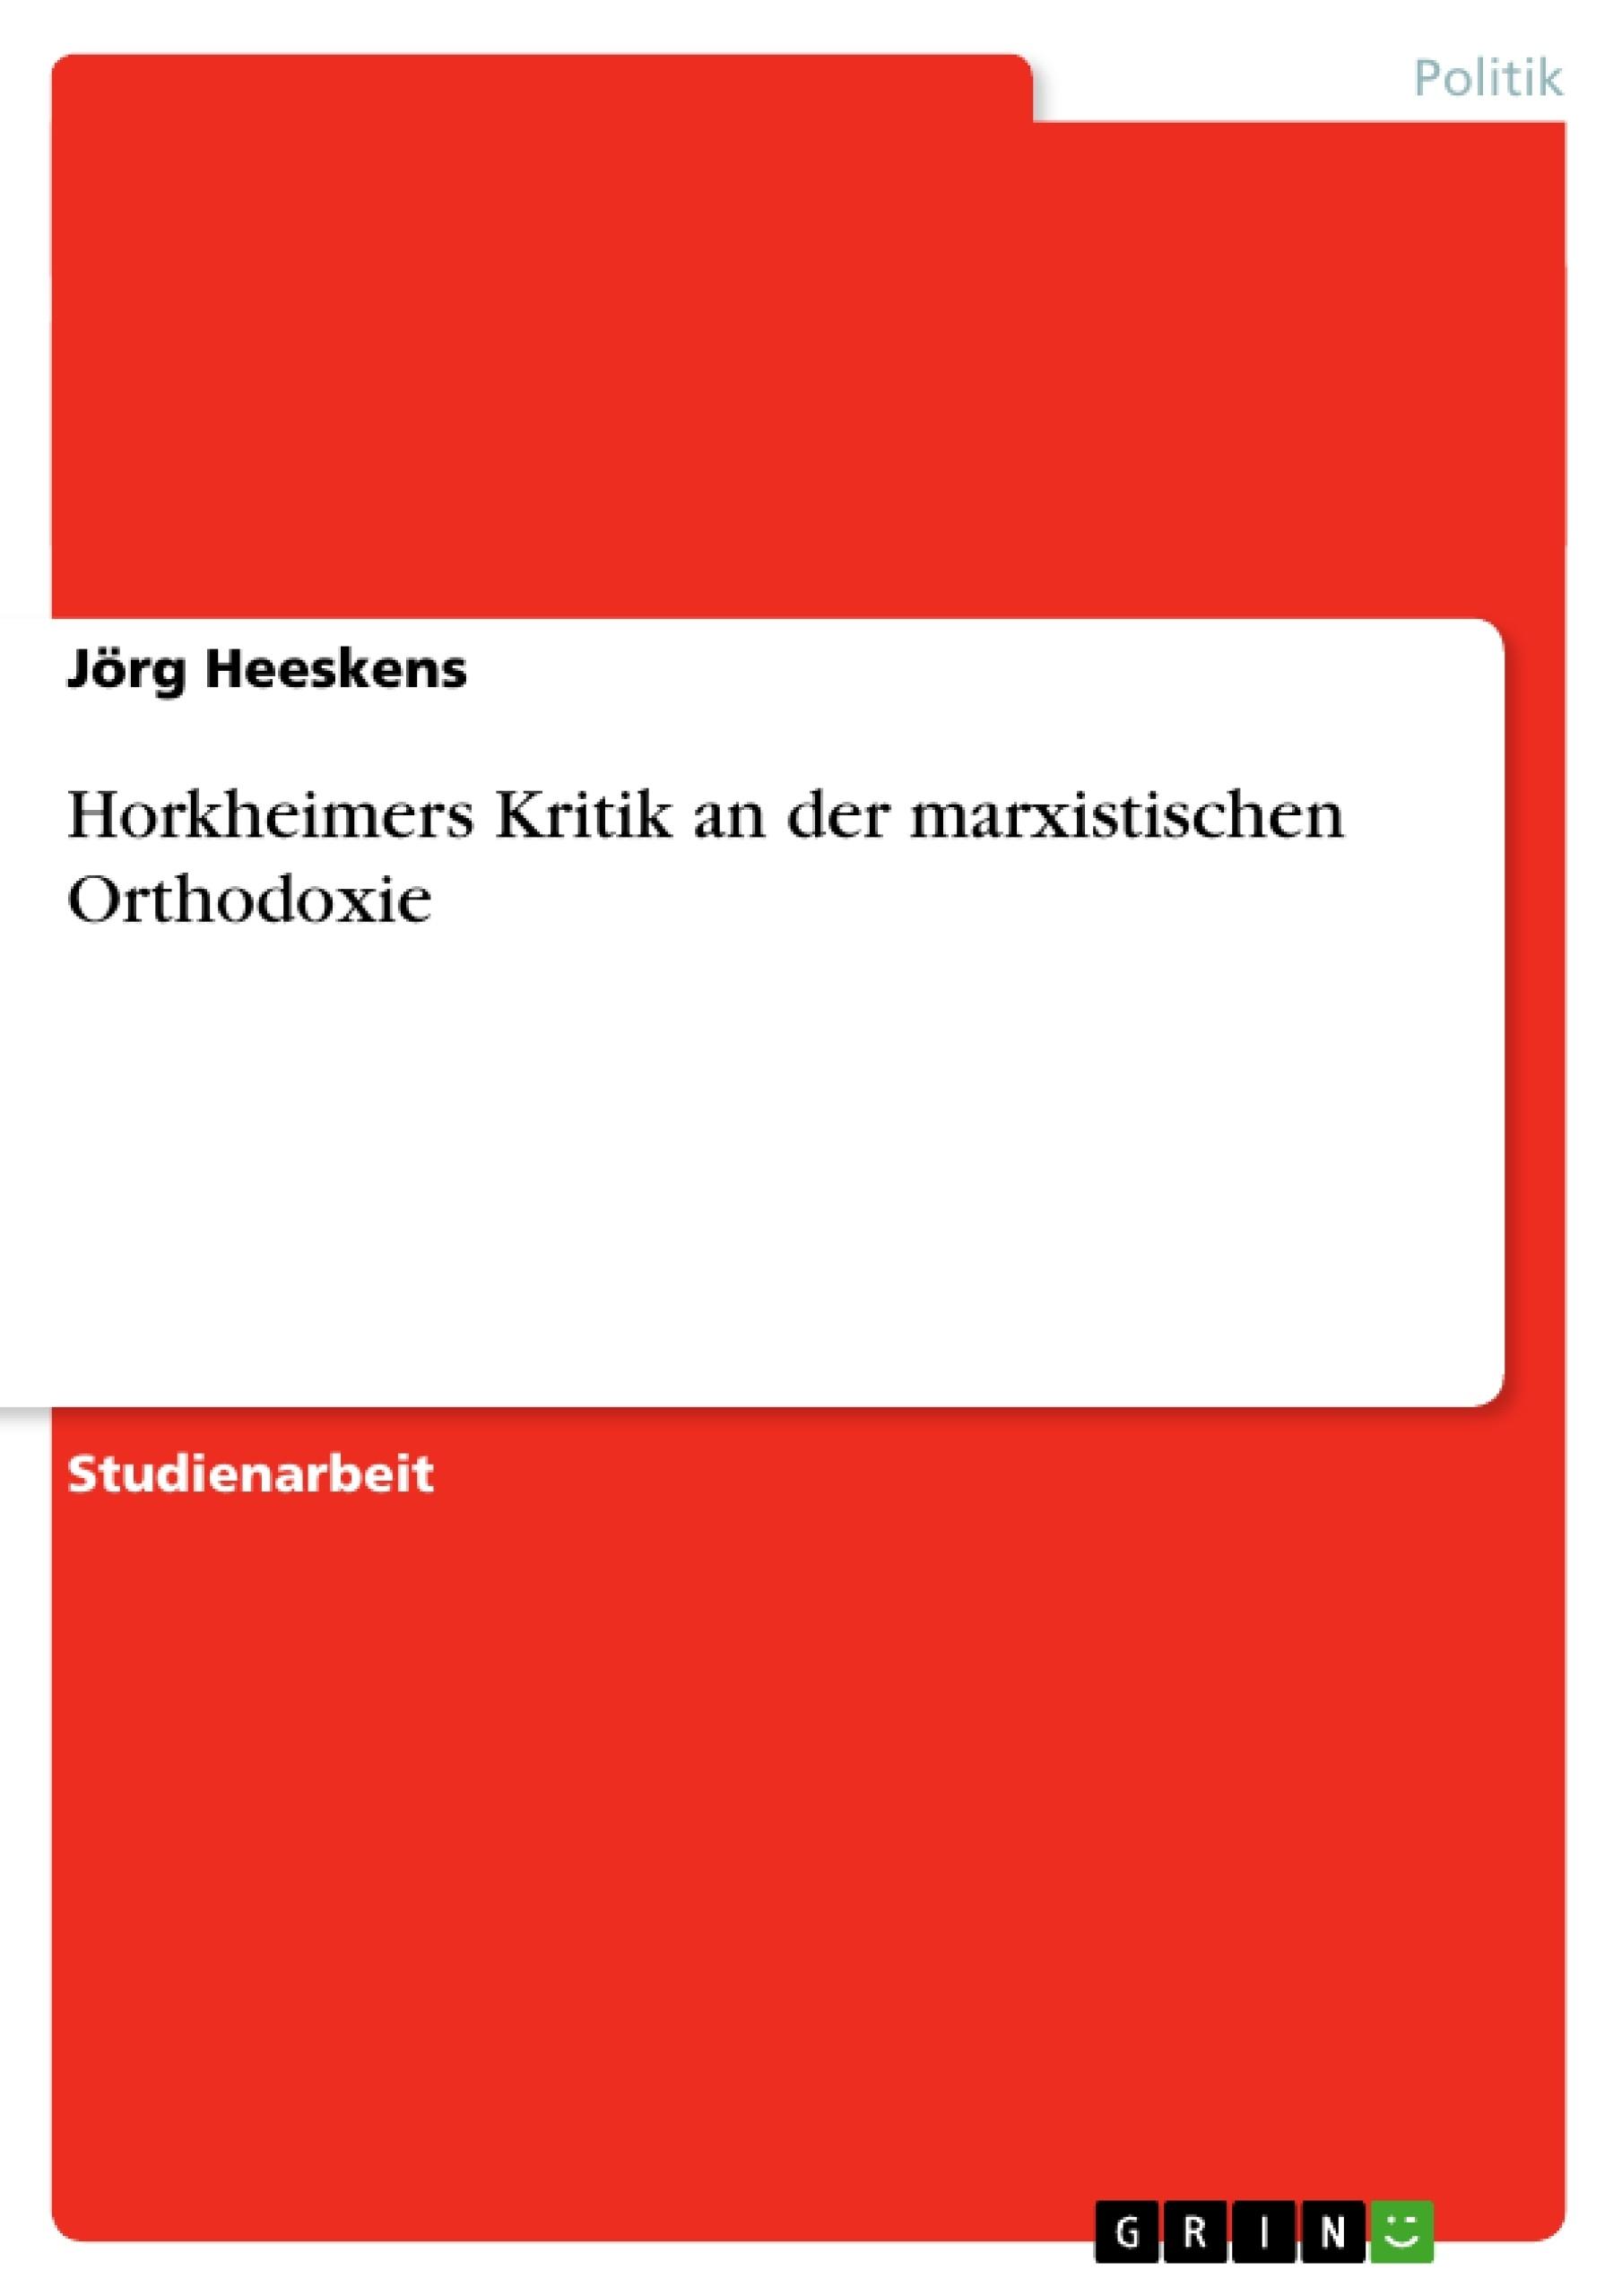 Titel: Horkheimers Kritik an der marxistischen Orthodoxie